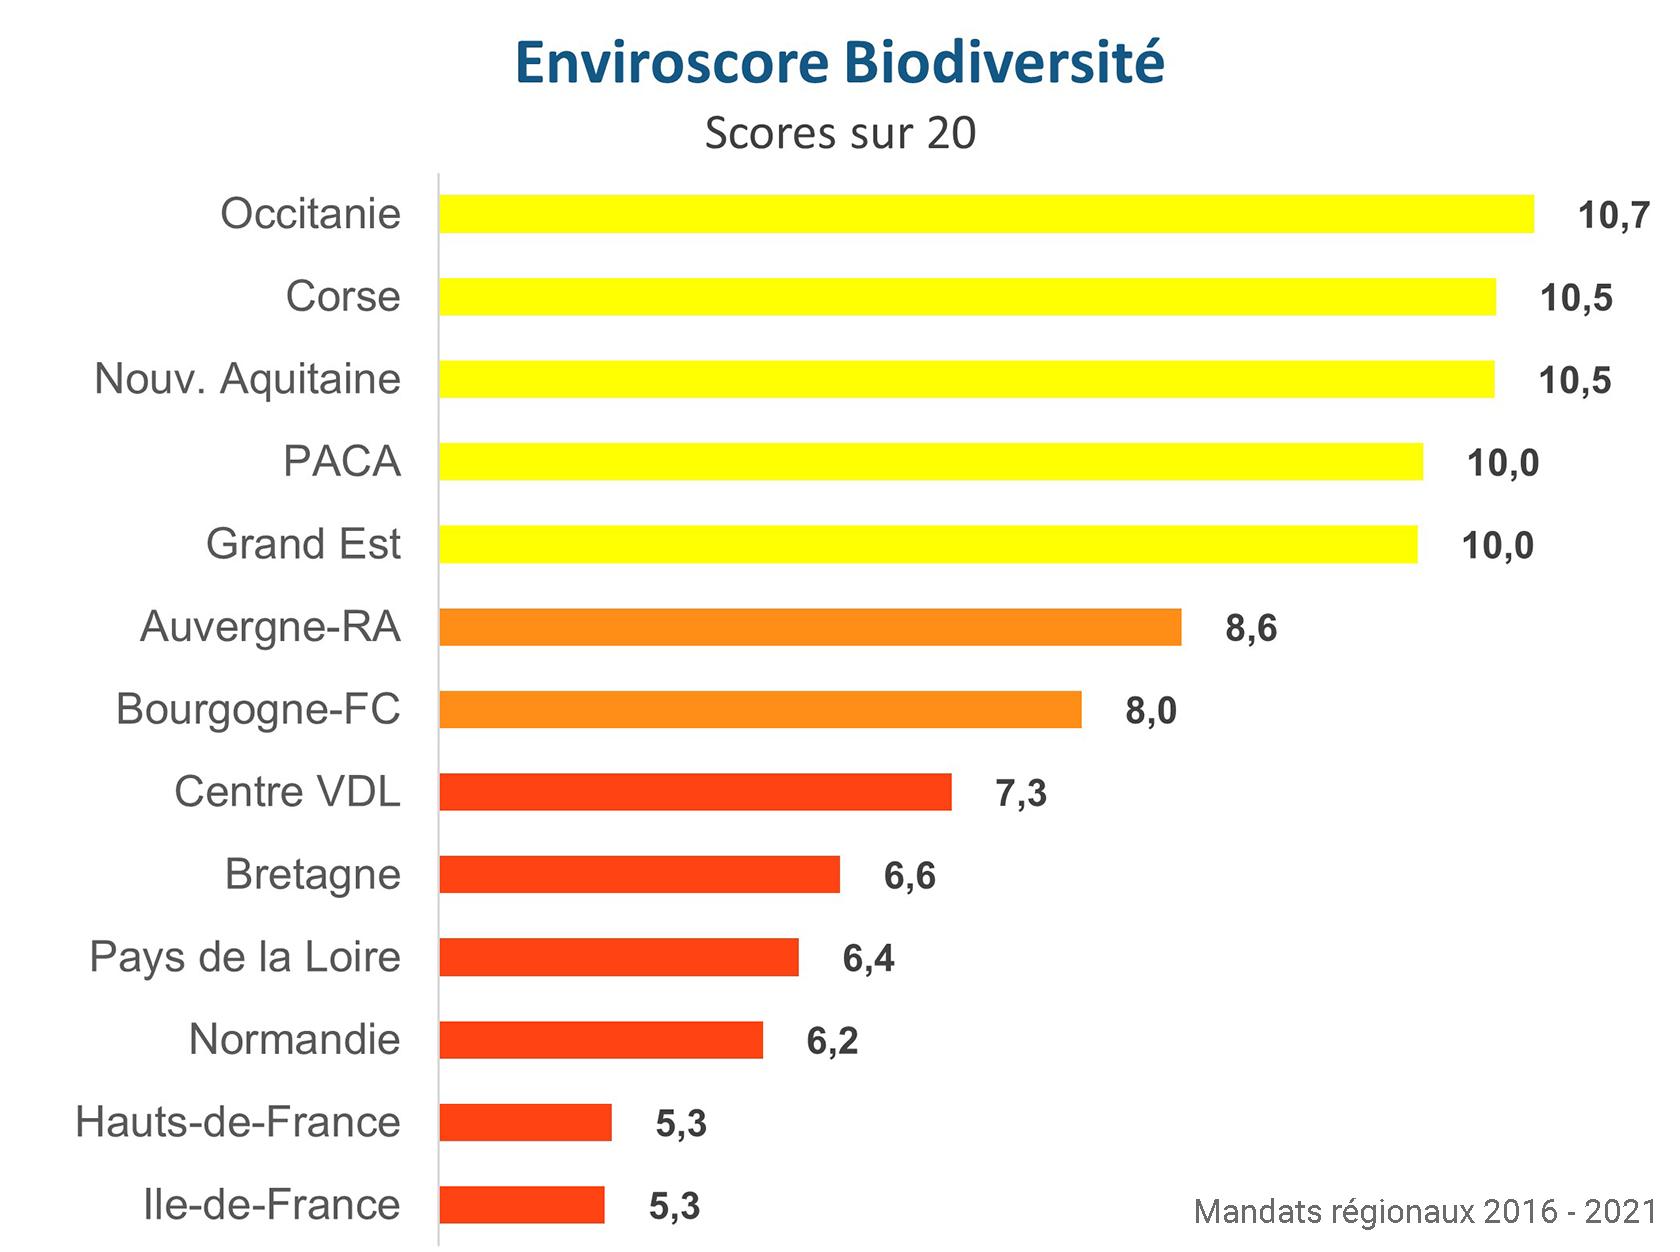 Palmarès Biodiversité